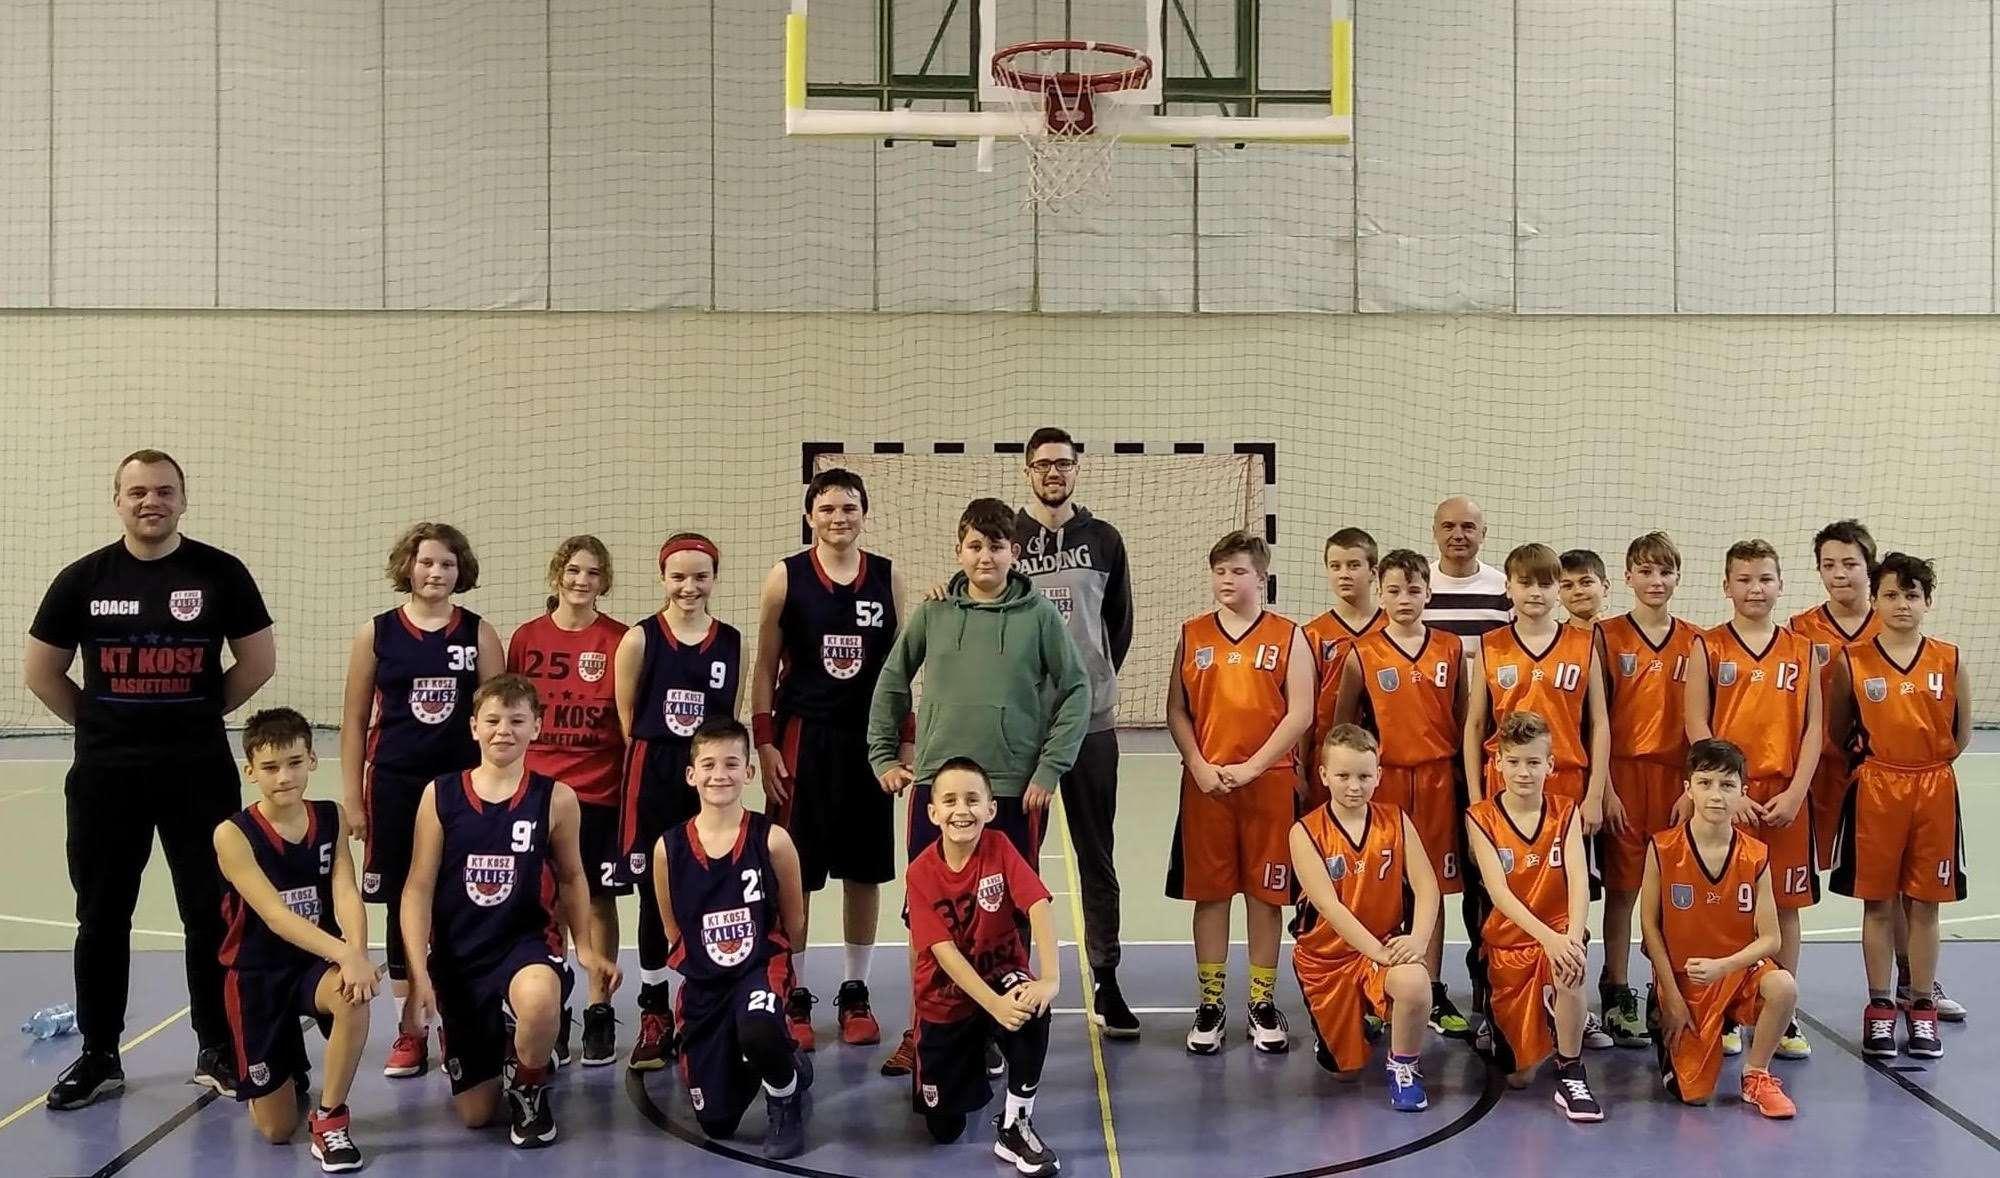 Ważne zwycięstwa młodych koszykarzy